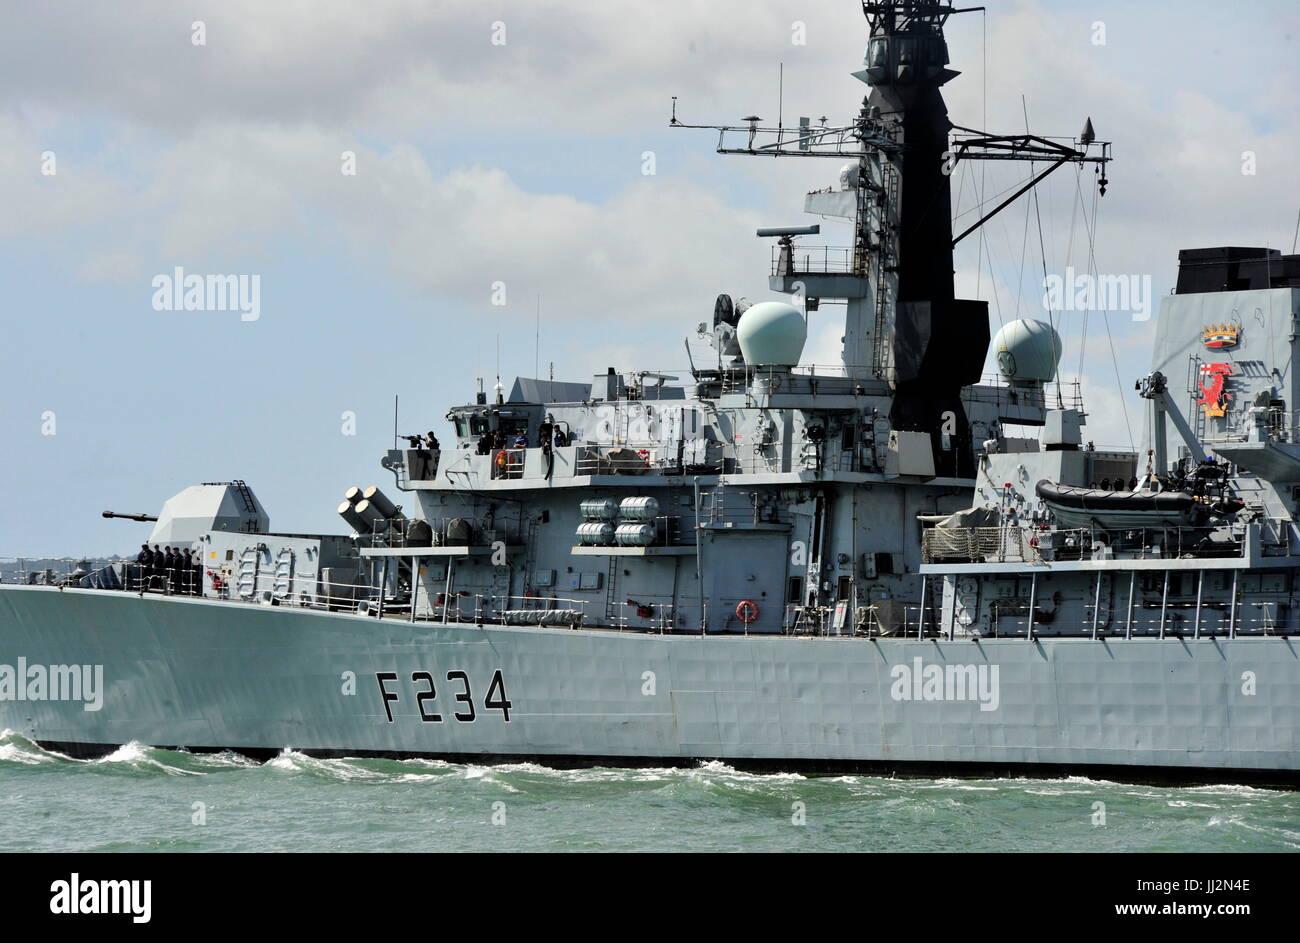 AJAXNETPHOTO. 7TH JULY, 2015. PORTSMOUTH, ENGLAND. - TYPE 23 DEPARTS - HMS IRON DUKE LEAVING HARBOUR. PHOTO:TONY - Stock Image